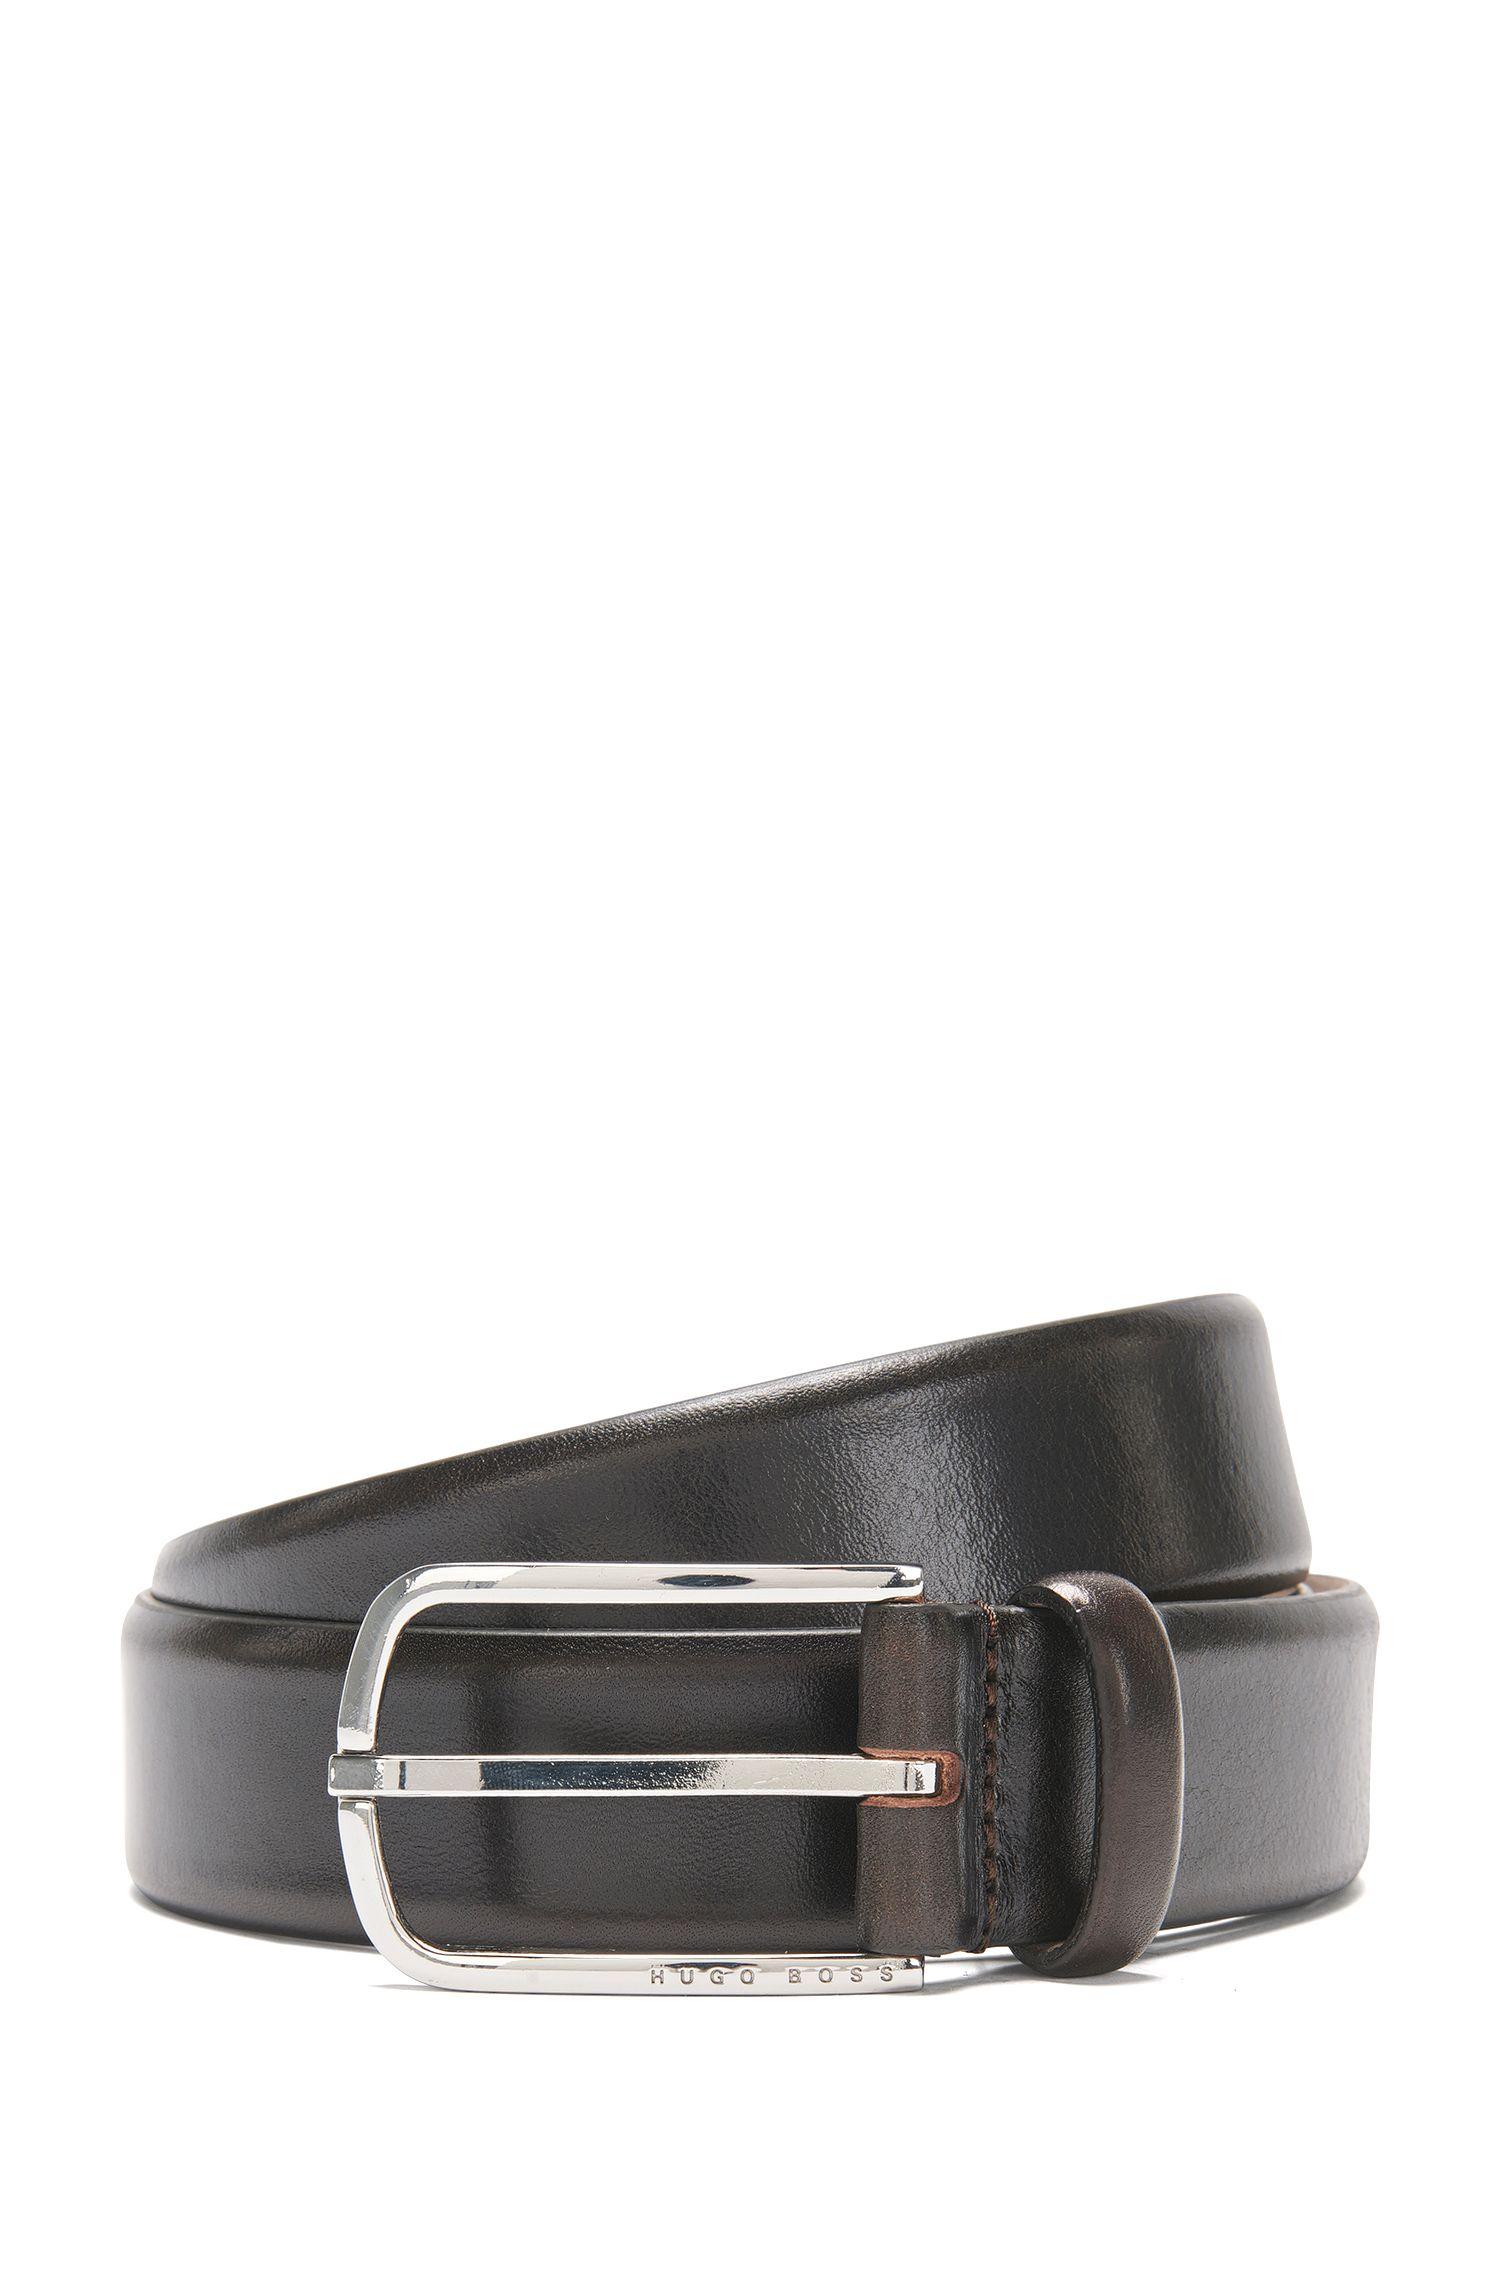 Cinturón de piel con hebilla redondeada de metal: 'Celino_Sz32_ltpl'